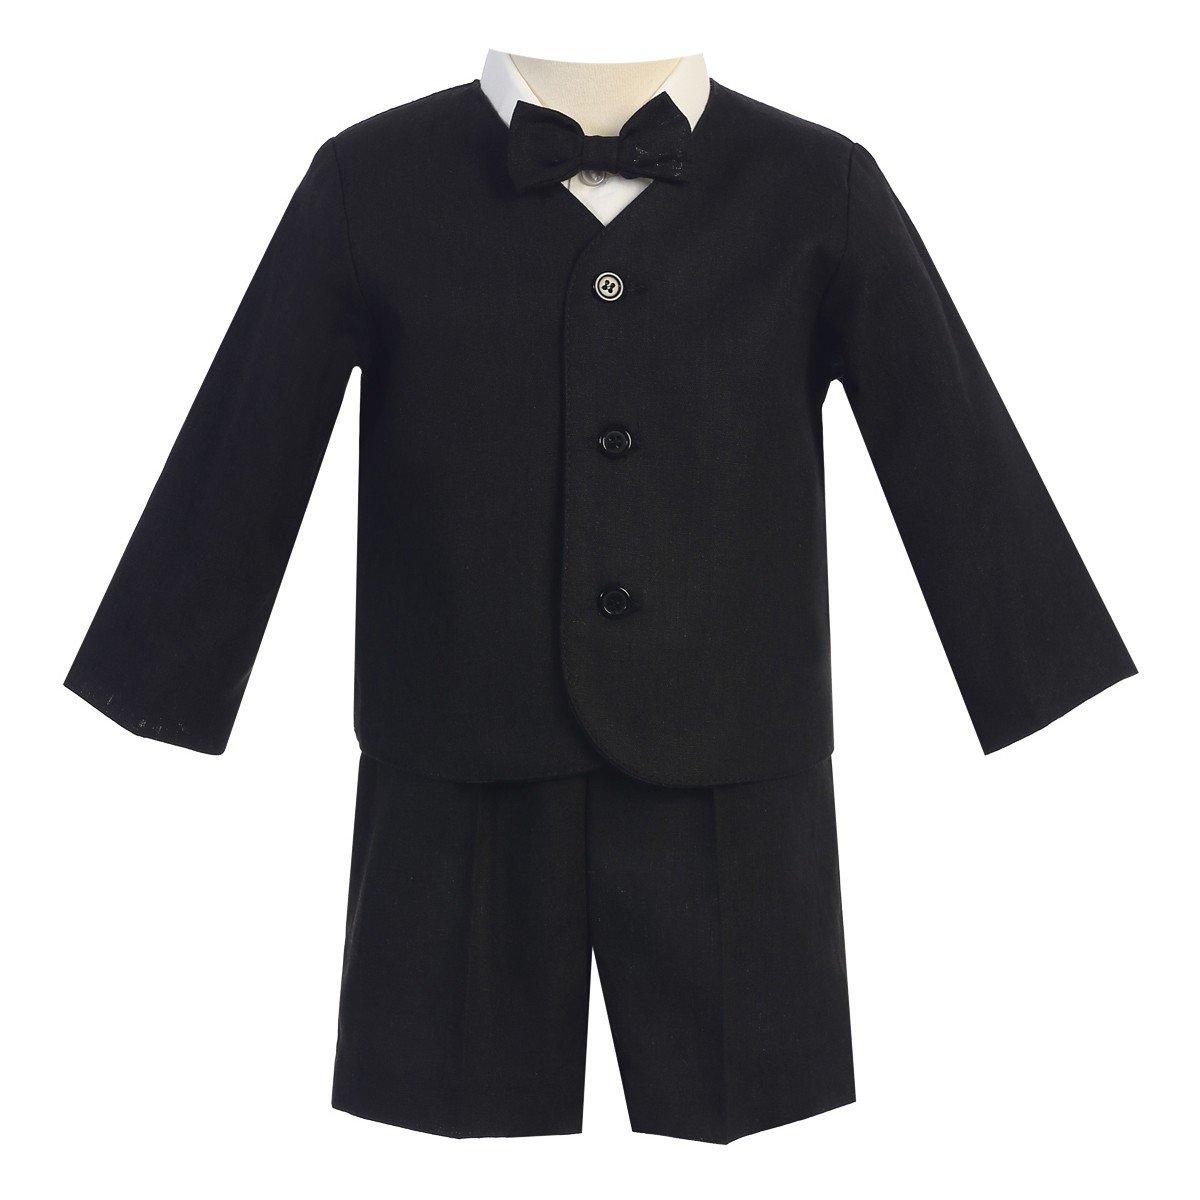 Lito Baby Boys Black Eton Short Formal Ring Bearer Easter Suit 18-24M by Lito